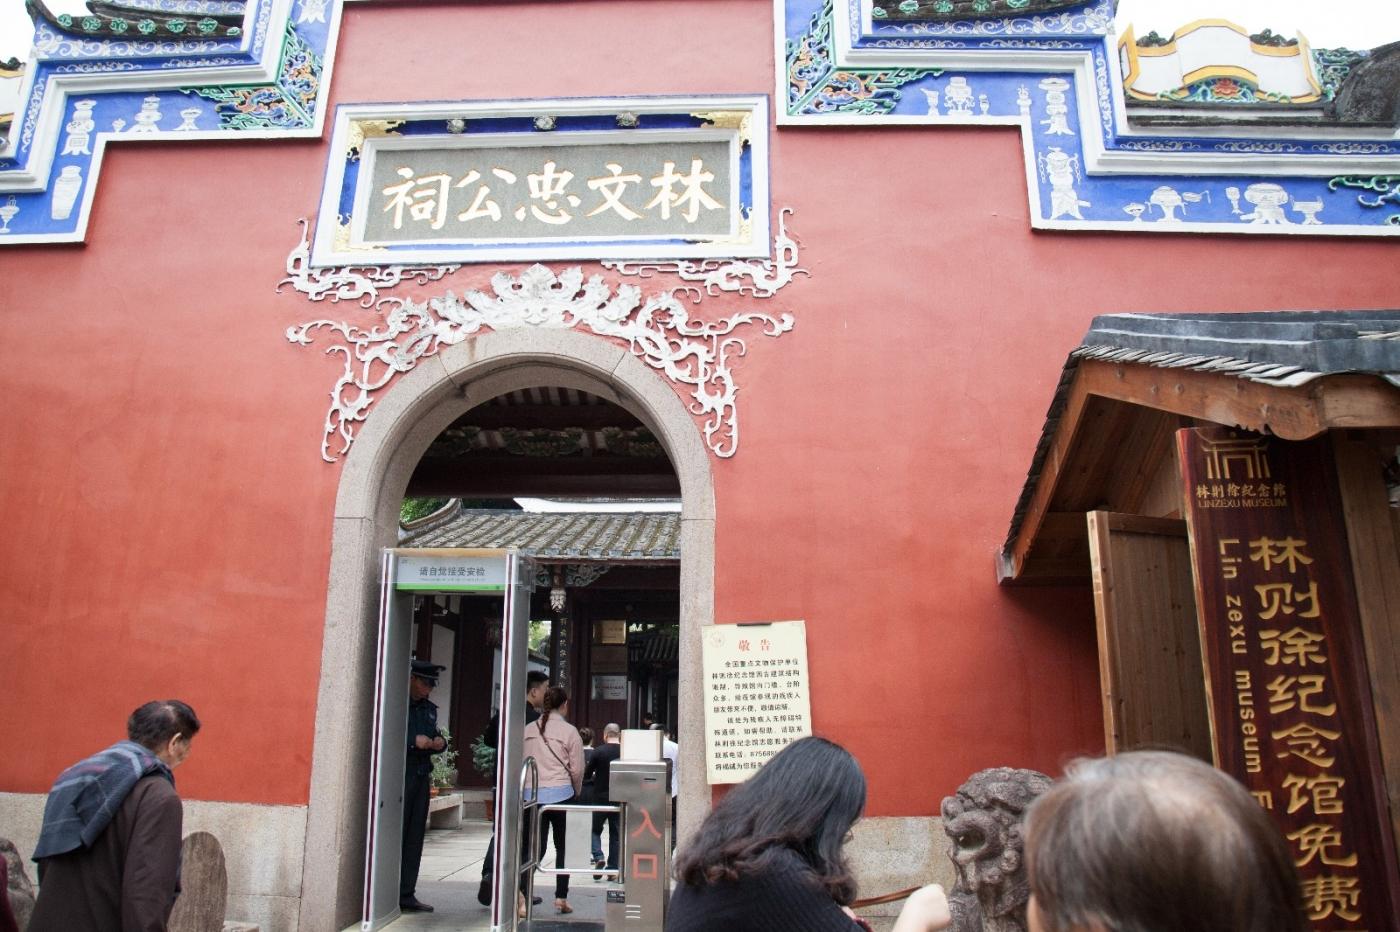 三坊七巷是福州市的旅游胜地_图1-25